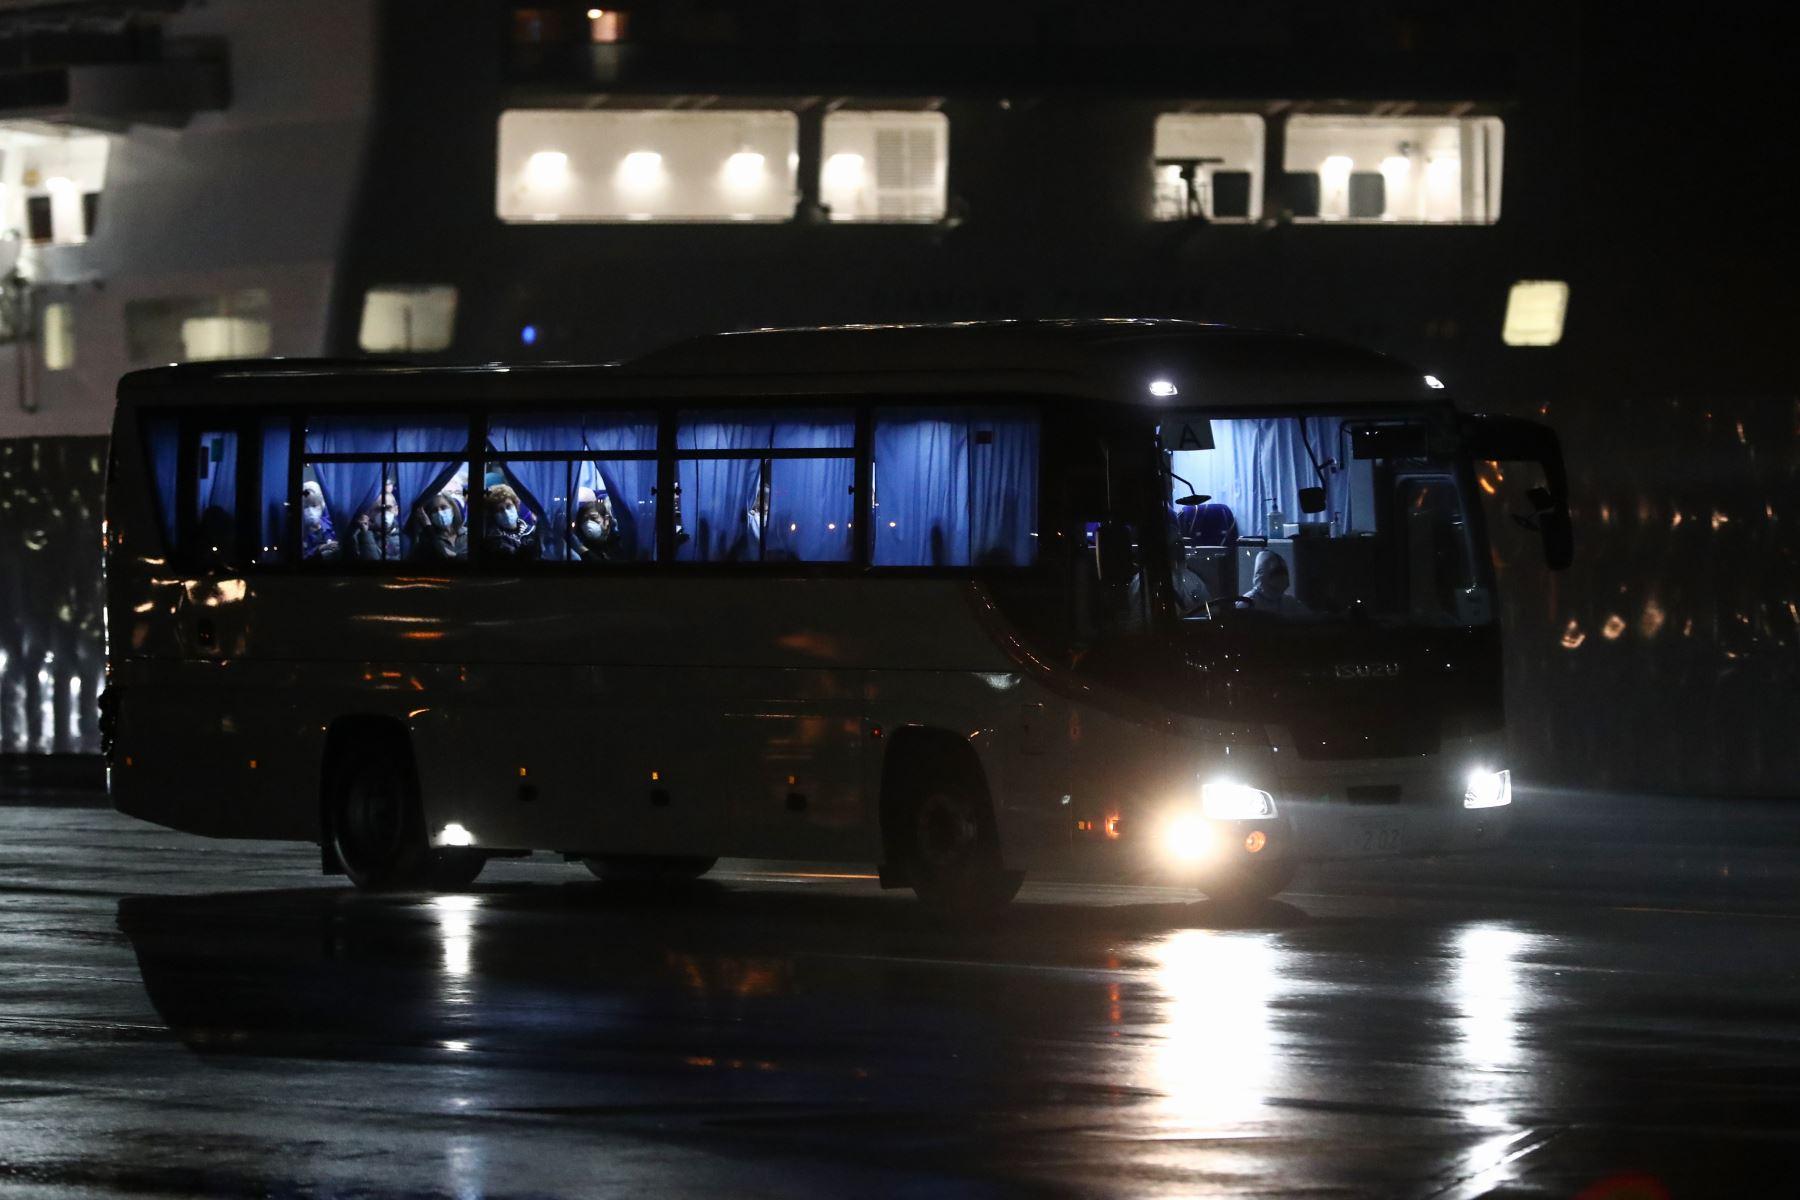 Japón, Yokohama.- Estadounidenses comenzaron a abandonar un crucero en cuarentena para abordar vuelos fletados a casa debido que el número de casos de coronavirus diagnosticados en el barco aumentó a 355. Foto: AFP